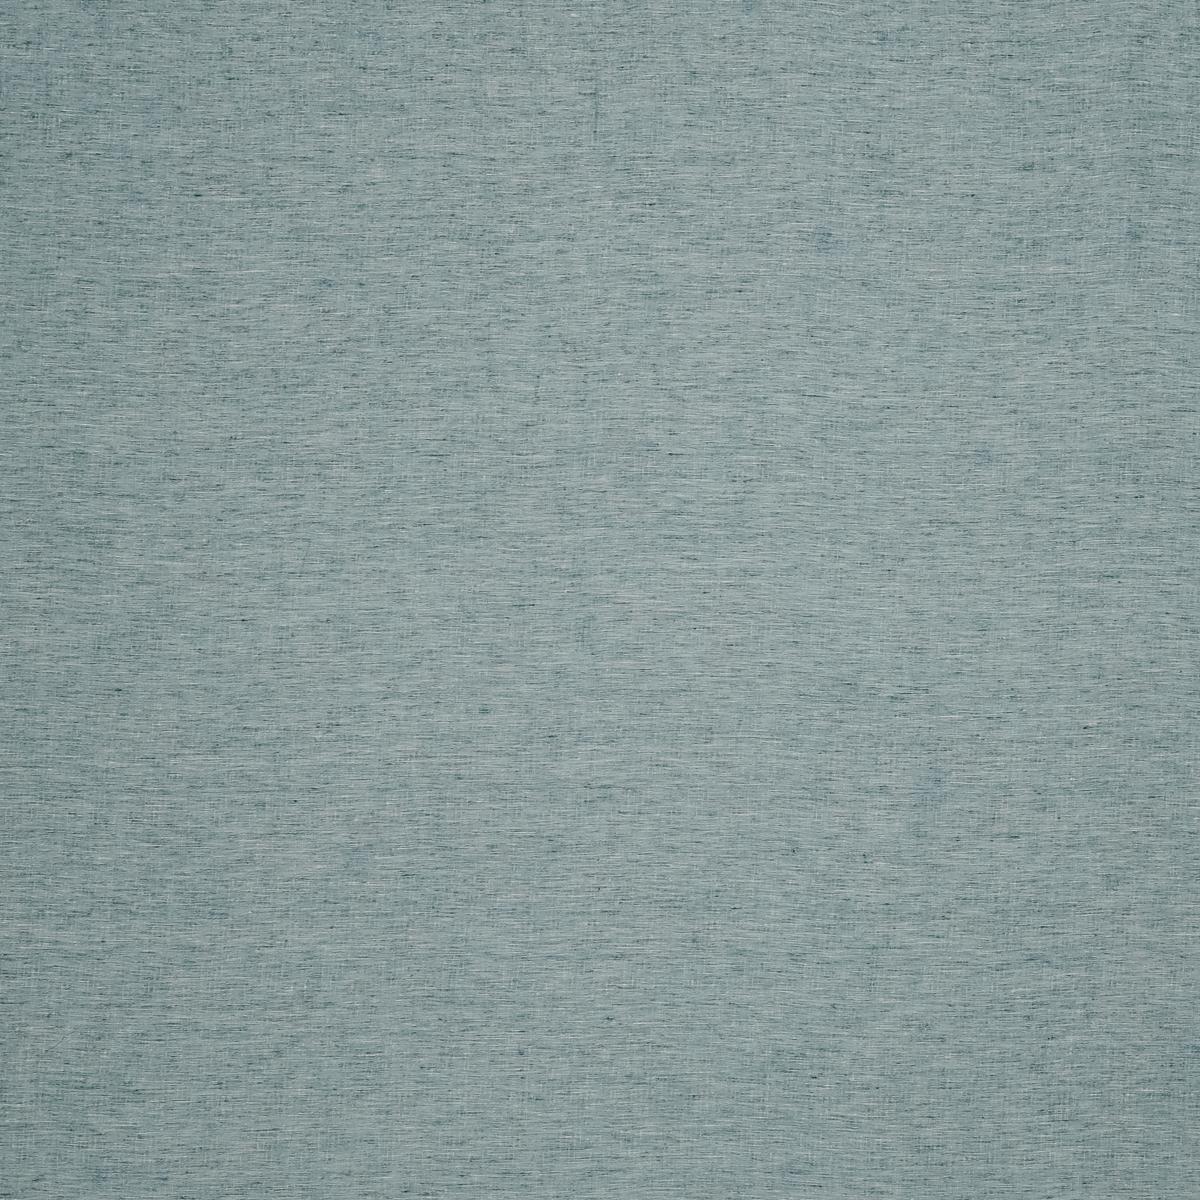 Упругая льняная ткань из нитей цвета морской волны с добавлением шёлка